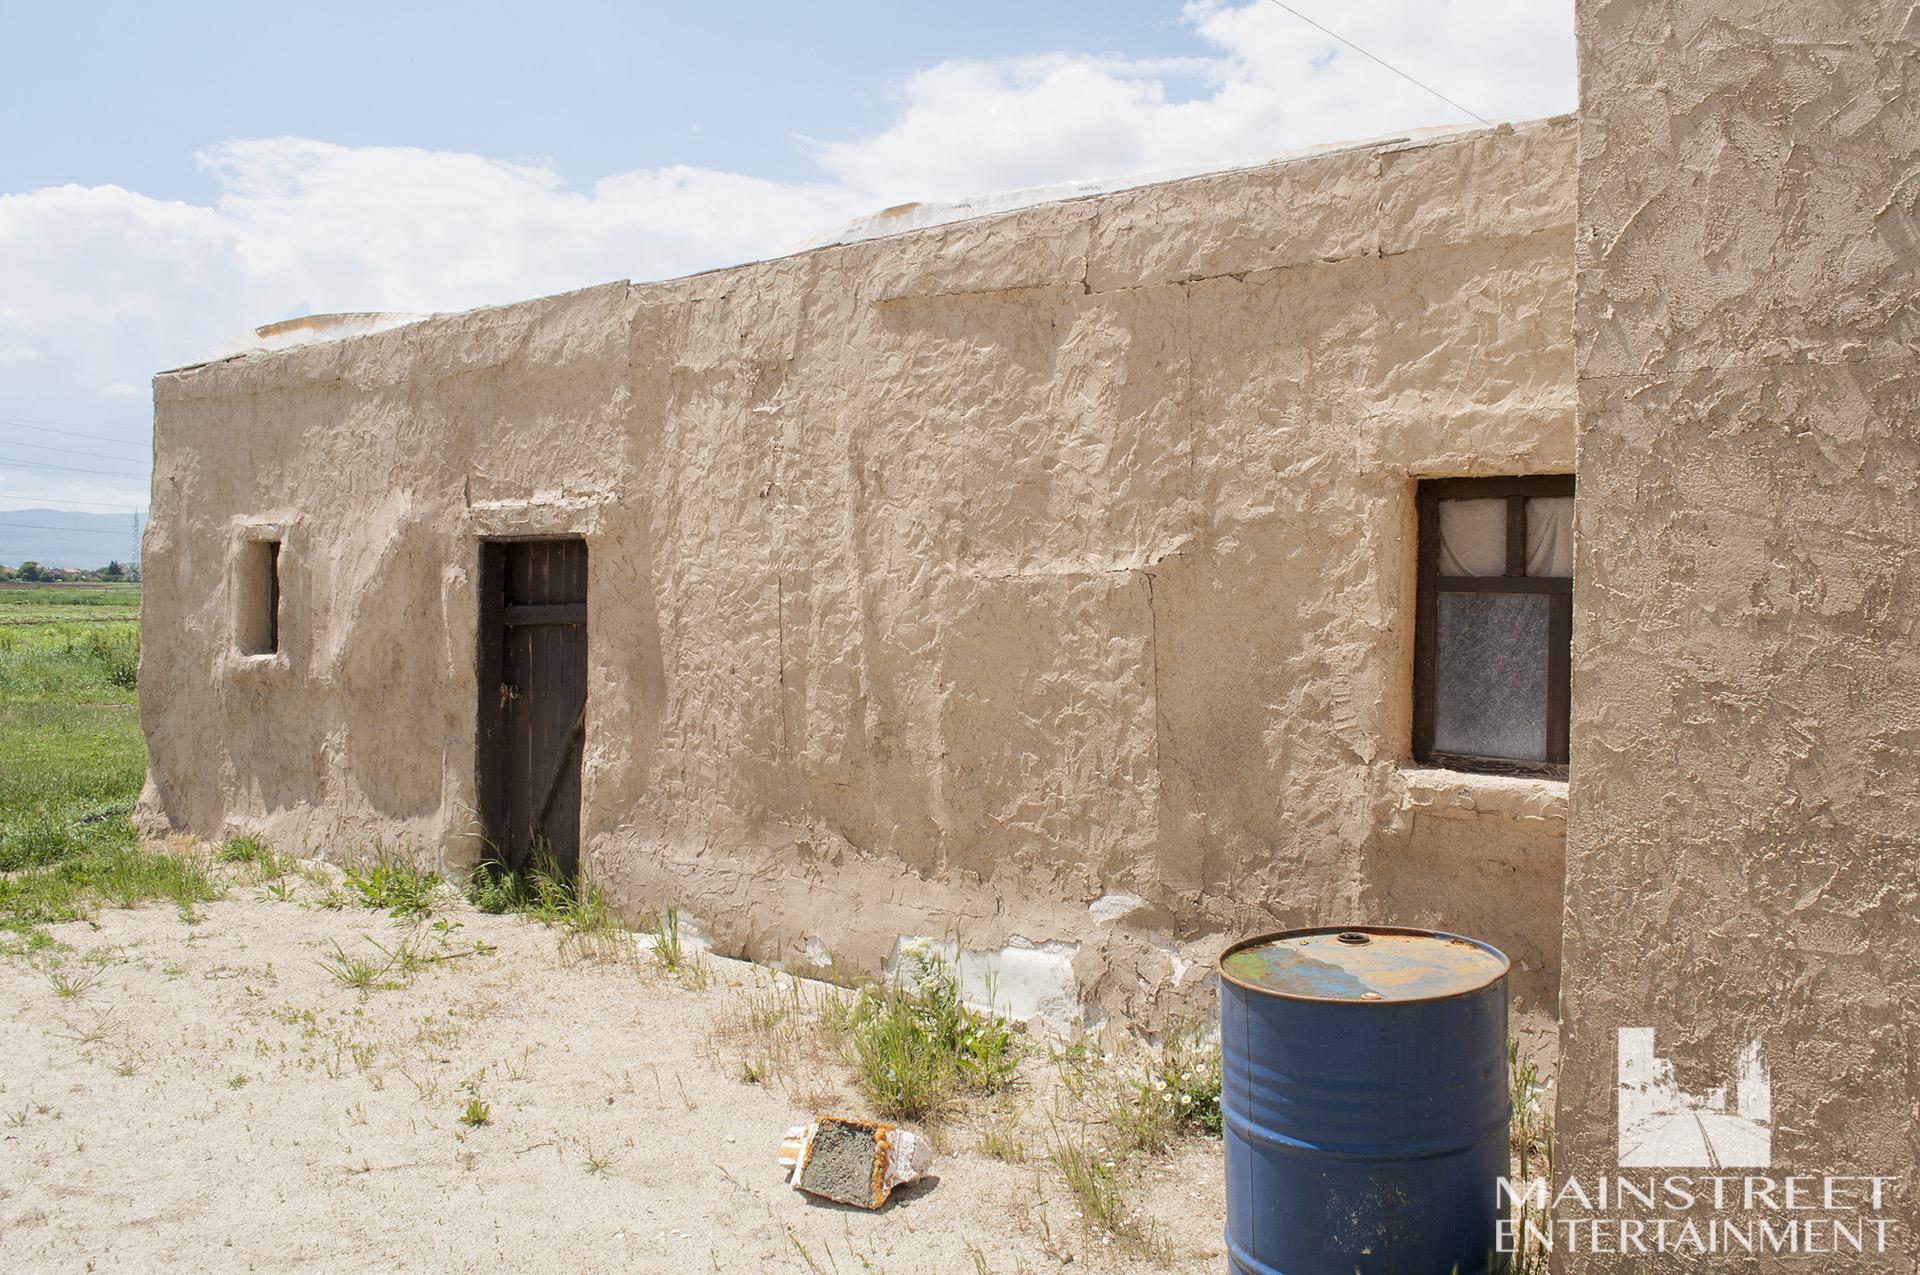 iraqi village film set